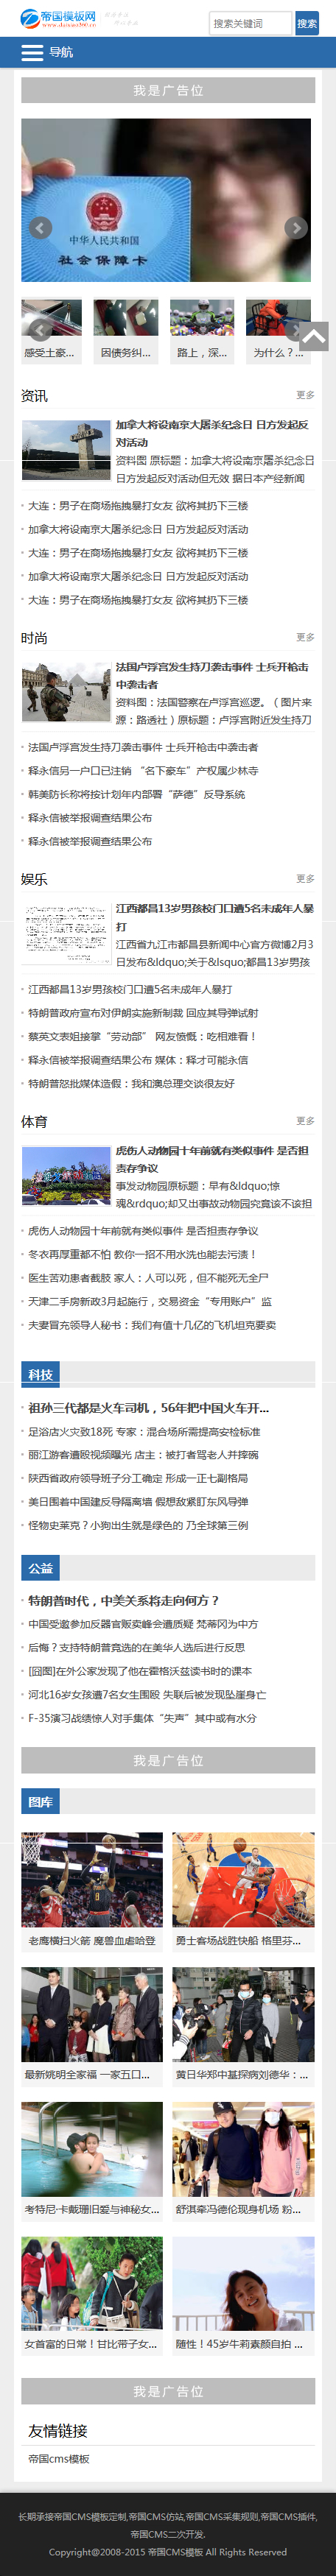 帝国cms自适应模板之蓝色新闻资讯类文章图库模板_手机版首页模板